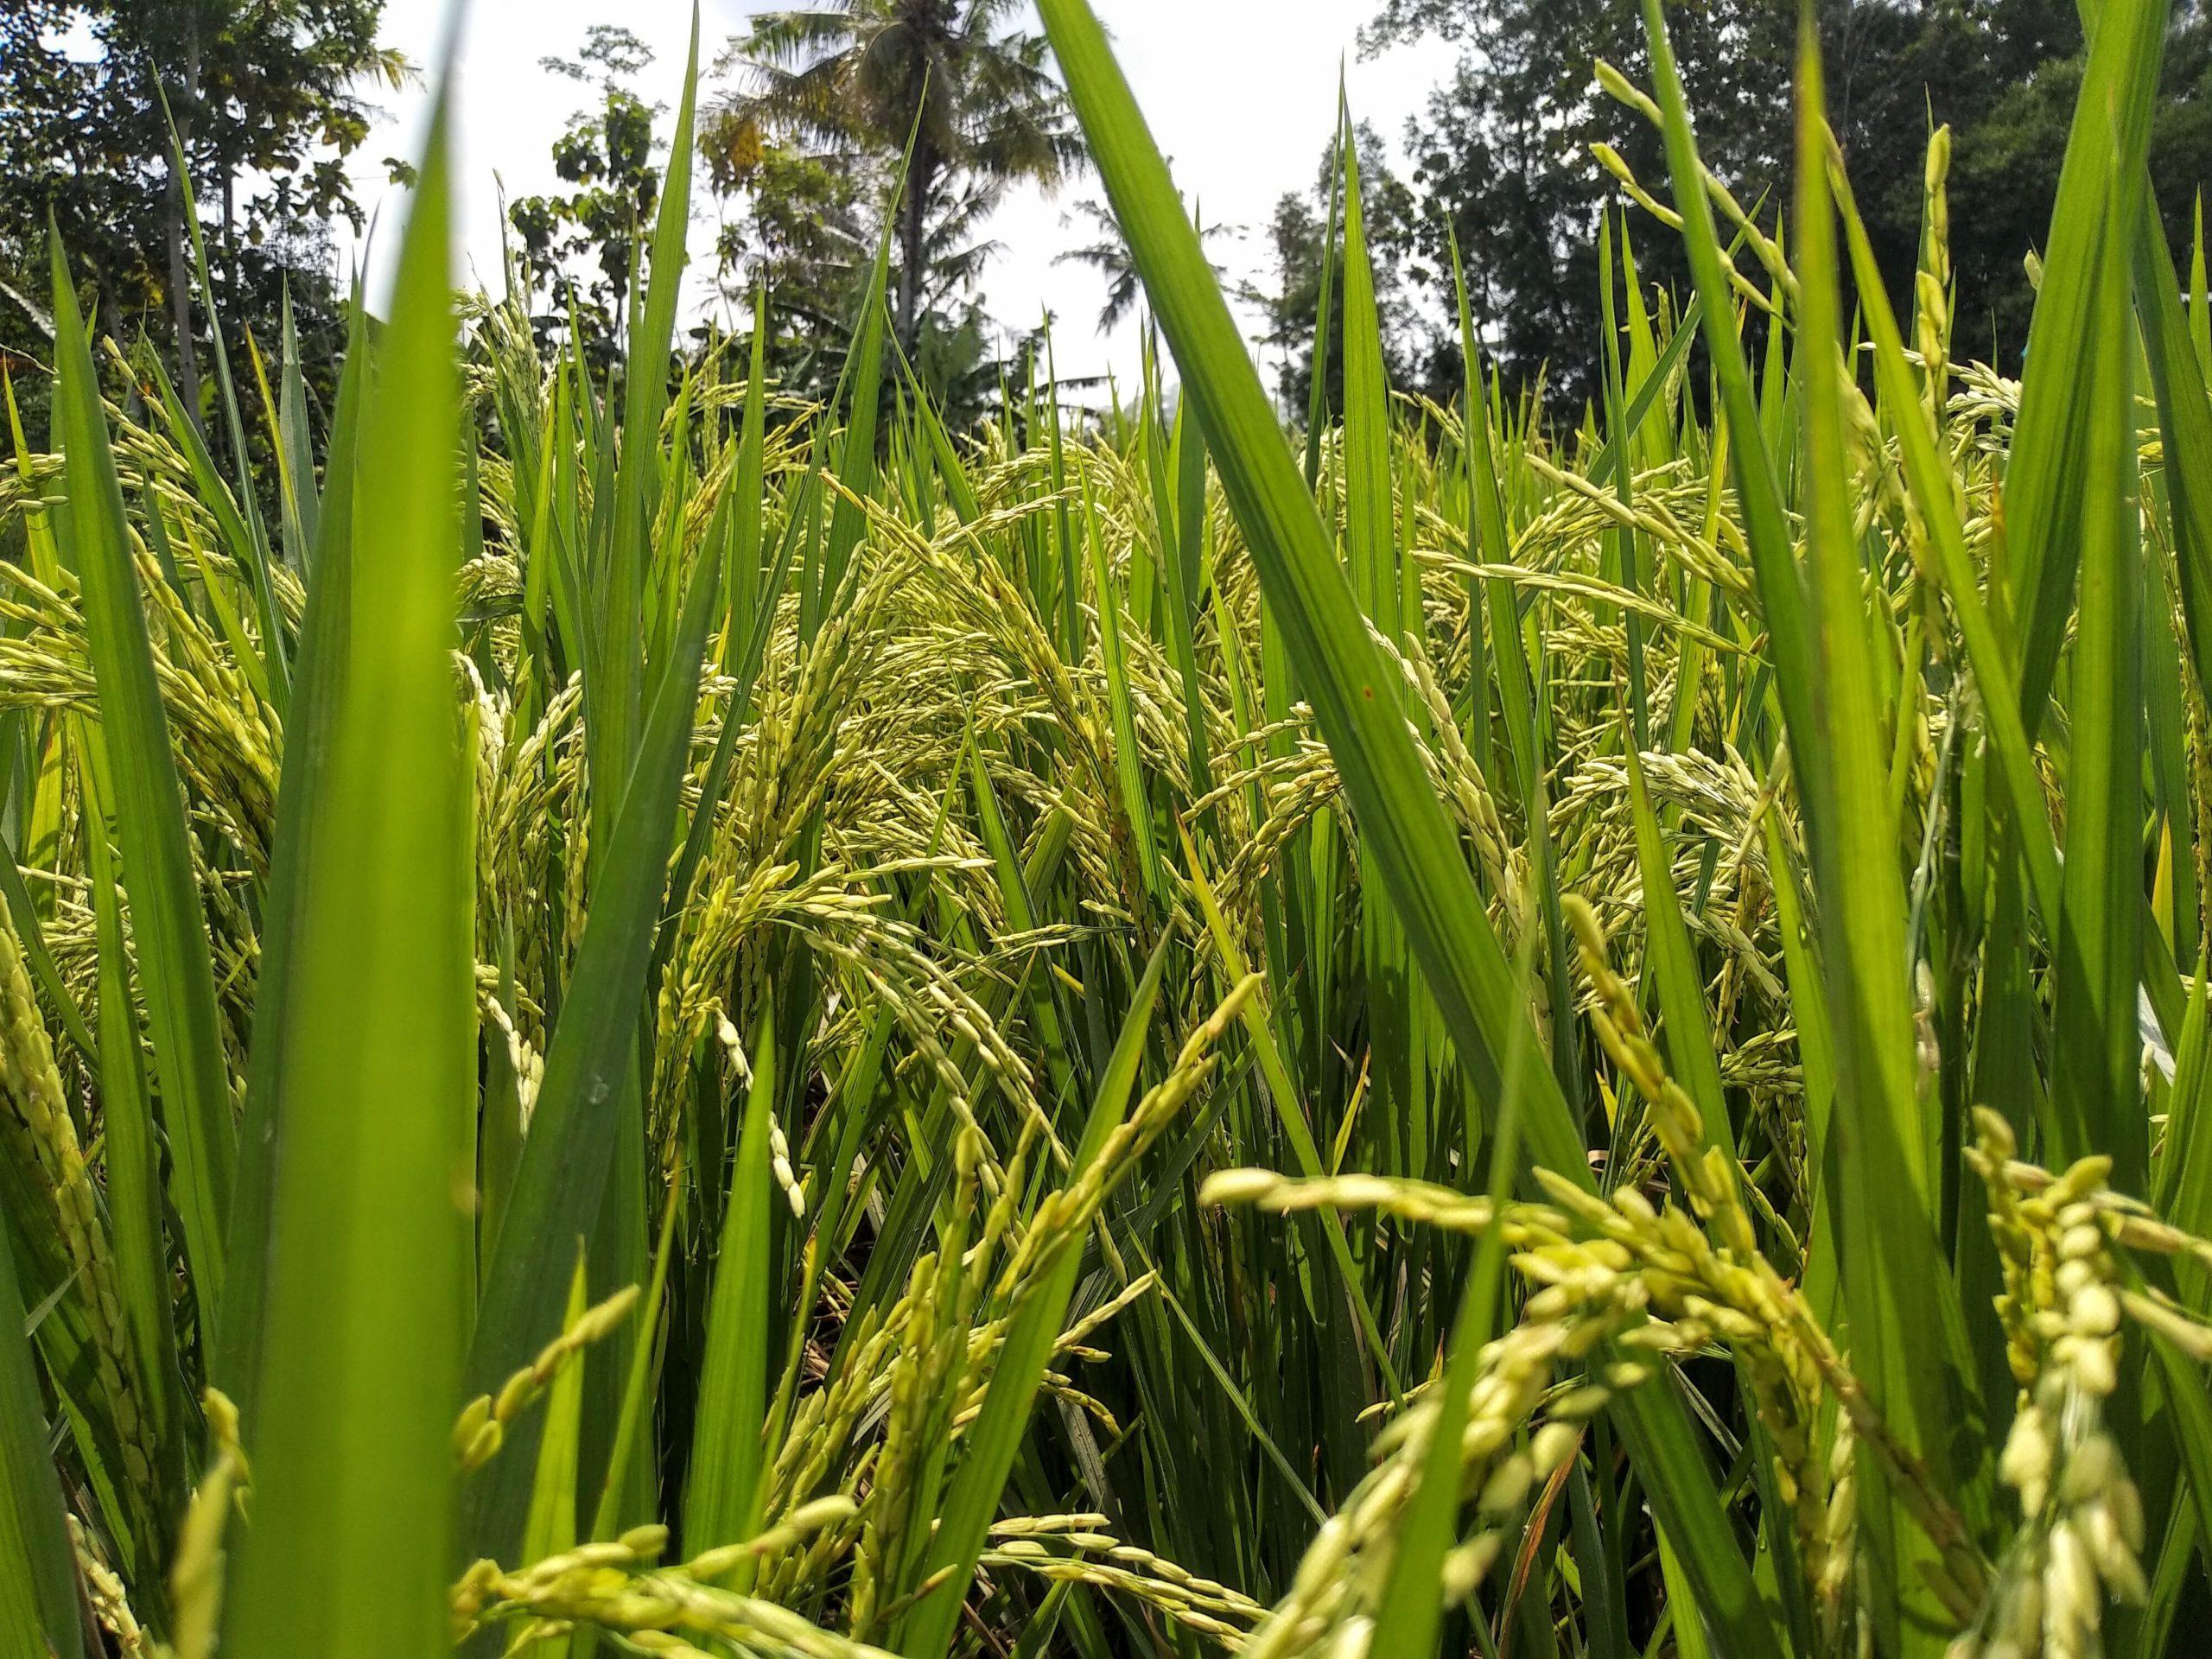 Une équipe de l'Université d'Illinois et de l'IRRI étudie les conditions d'optimisation de la photosynthèse pour augmenter les rendements agricoles